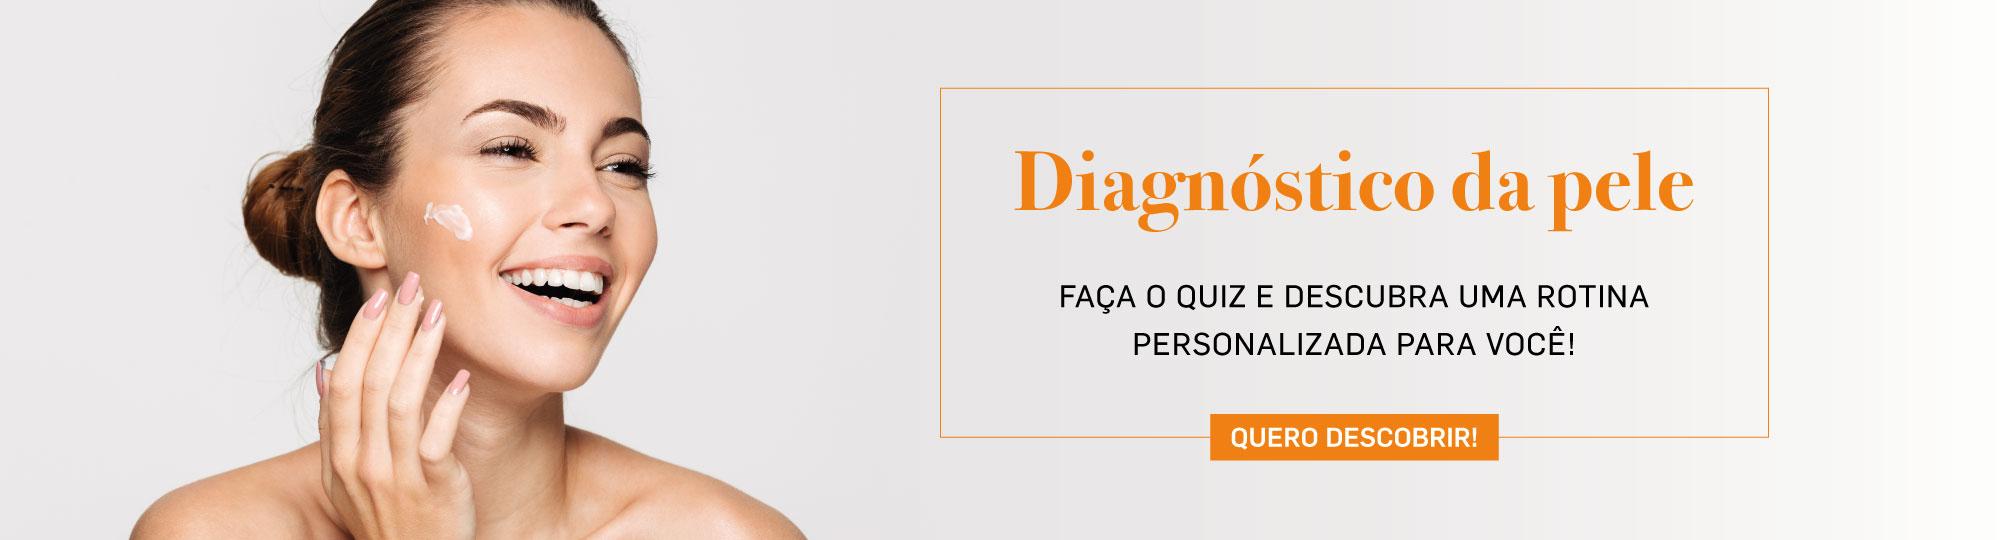 diagnostico de pele